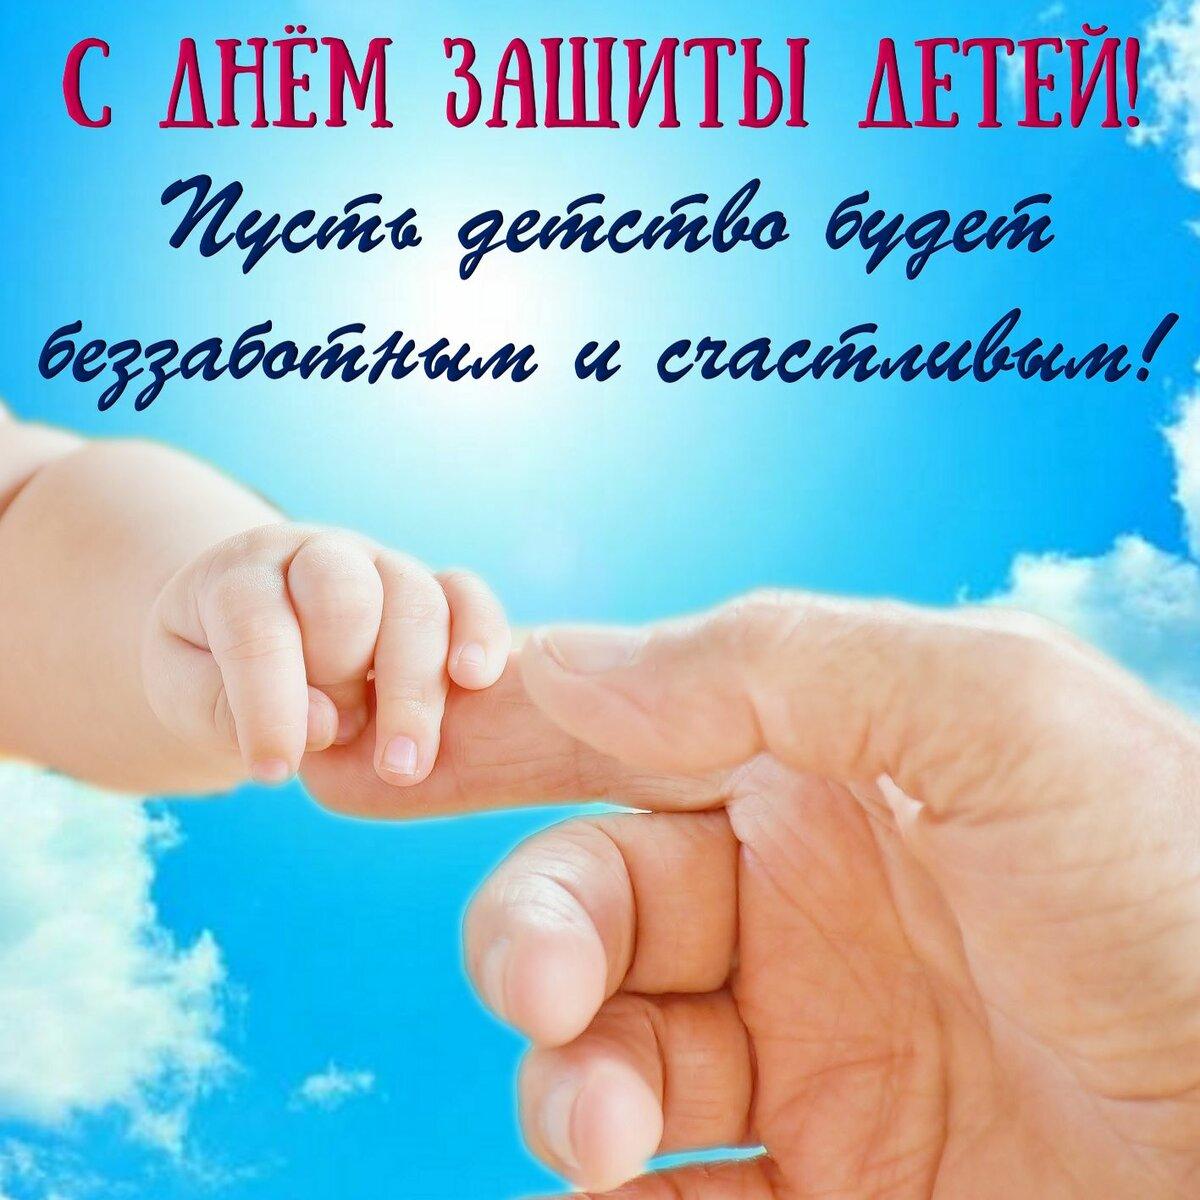 Открытки с поздравлениями к дню защиты детей